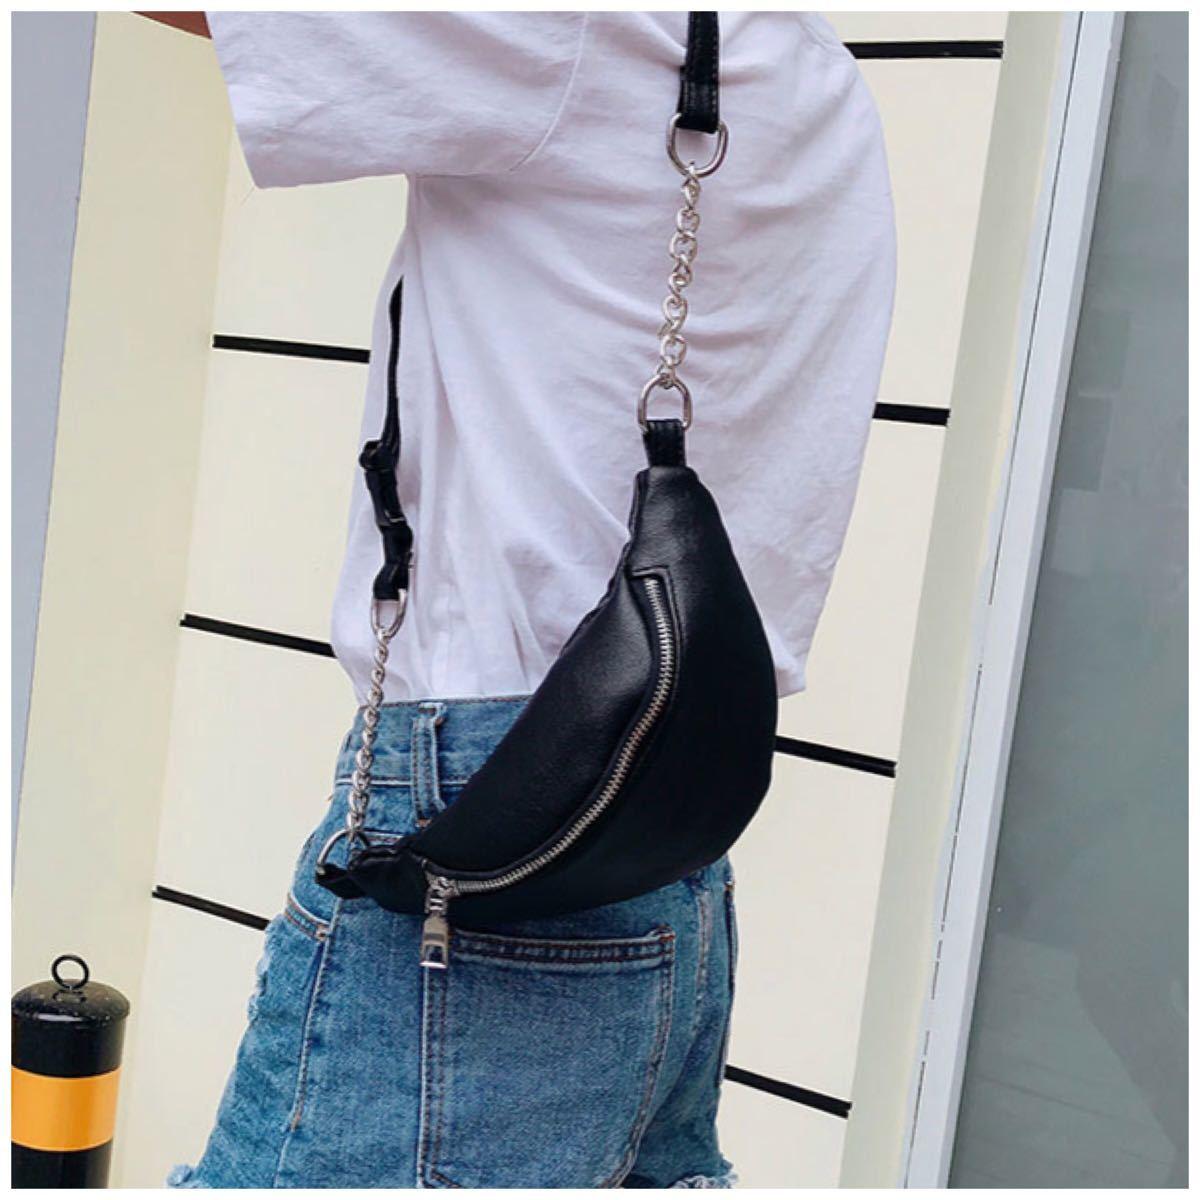 チェーンボディバッグ ブラック 黒 ななめがけ 肩がけ ショルダー ウエストポーチ キッズ レディース メンズ カジュアル